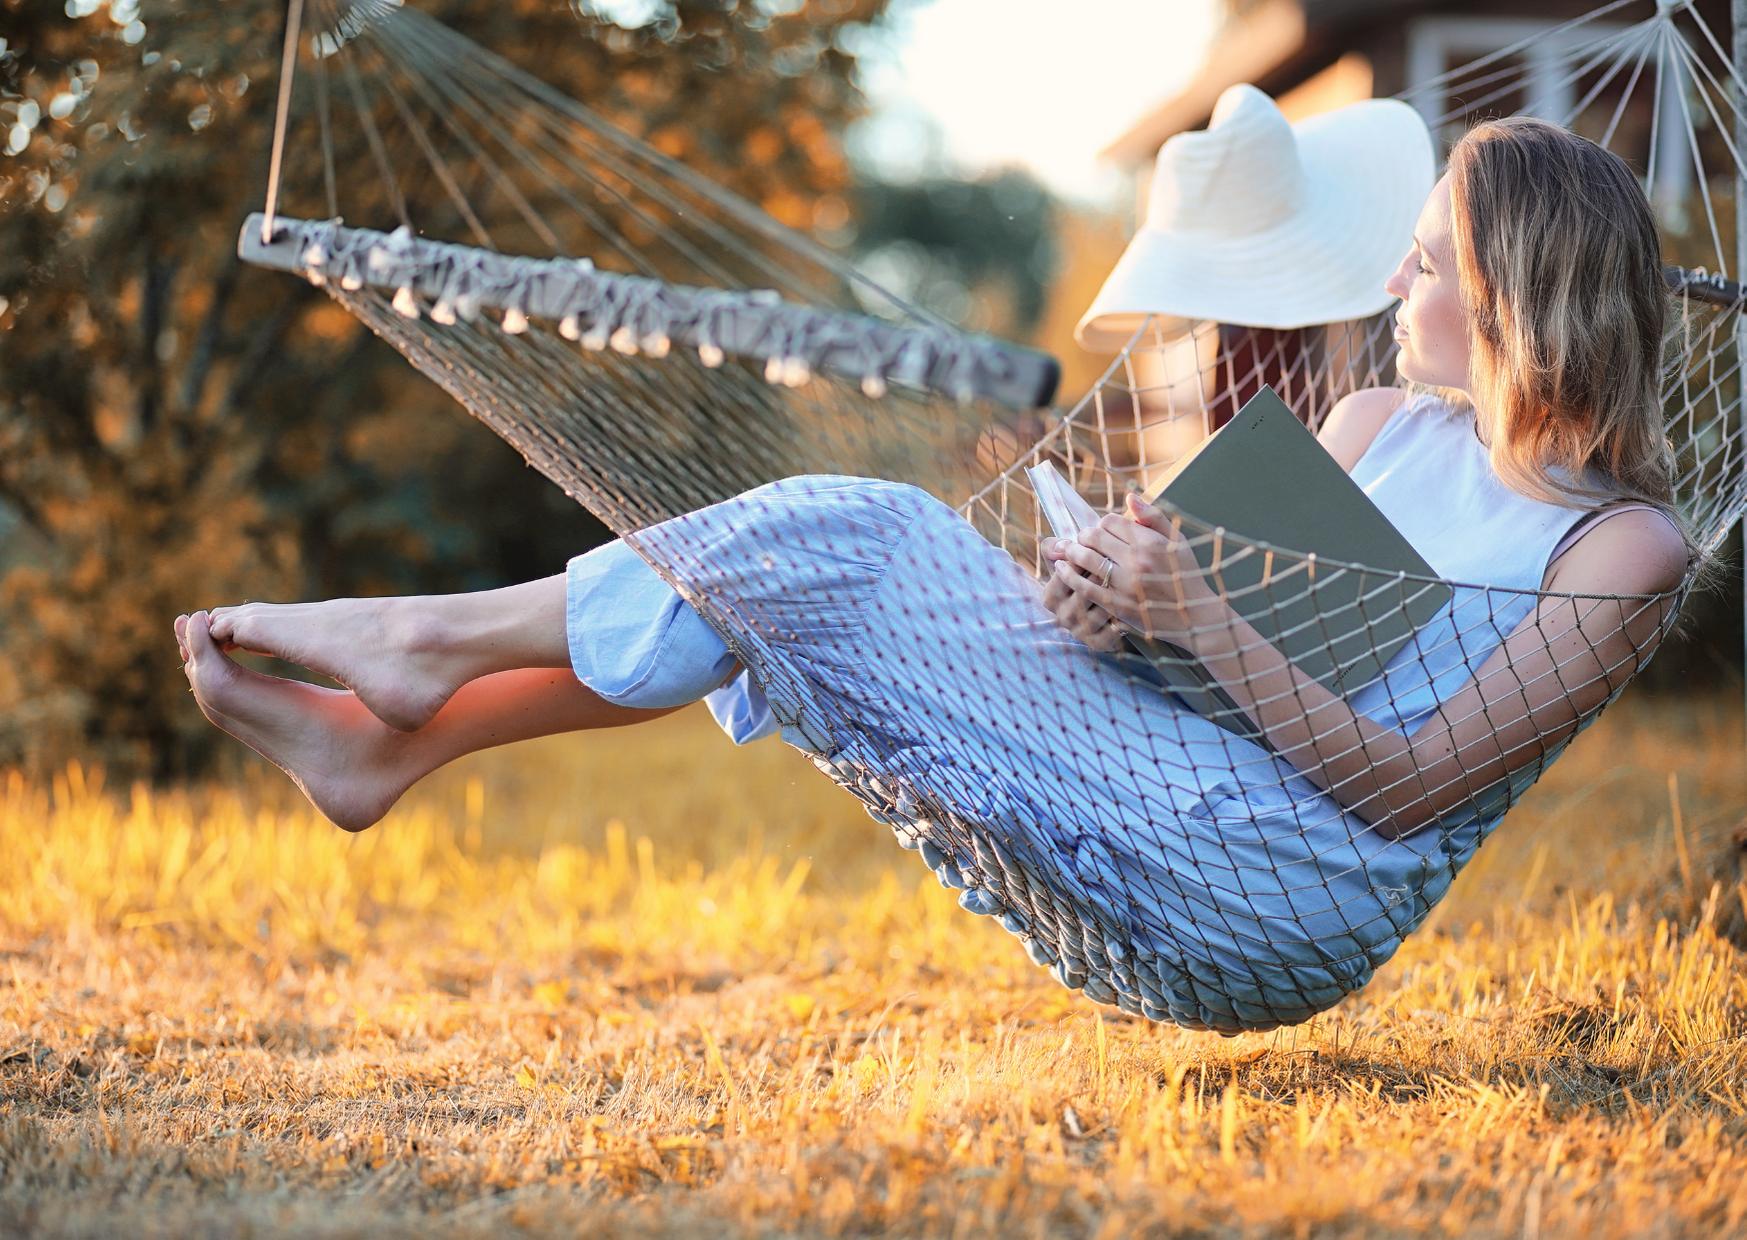 woman lying in a woven hammock